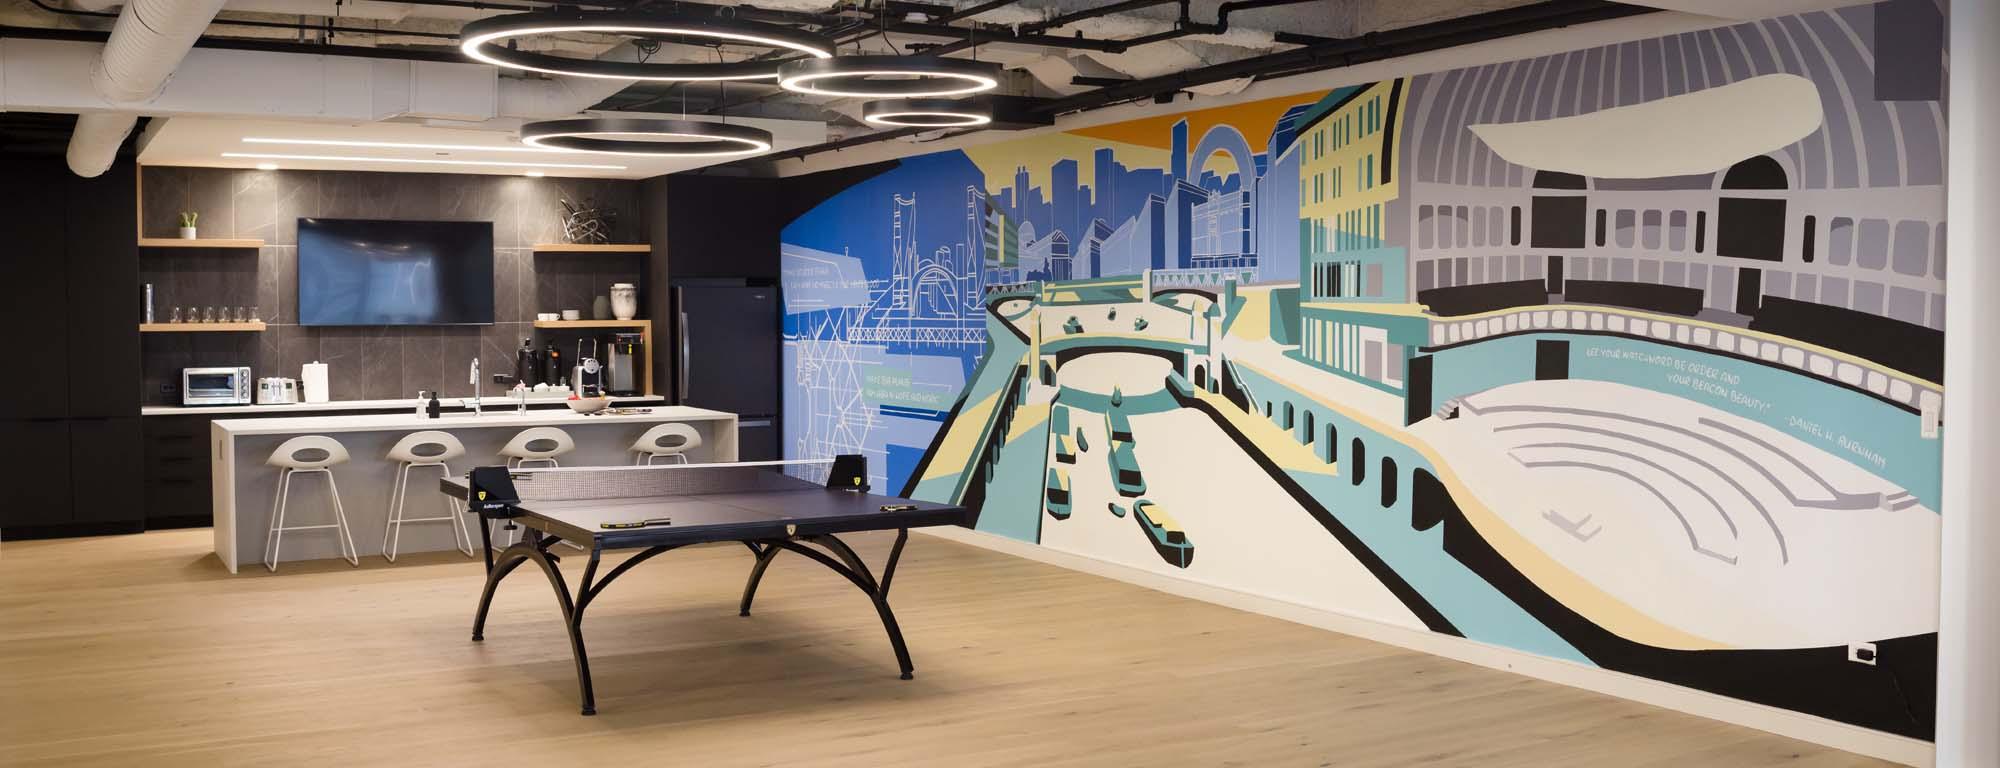 Chicago Interior Mural for Break Room in Office